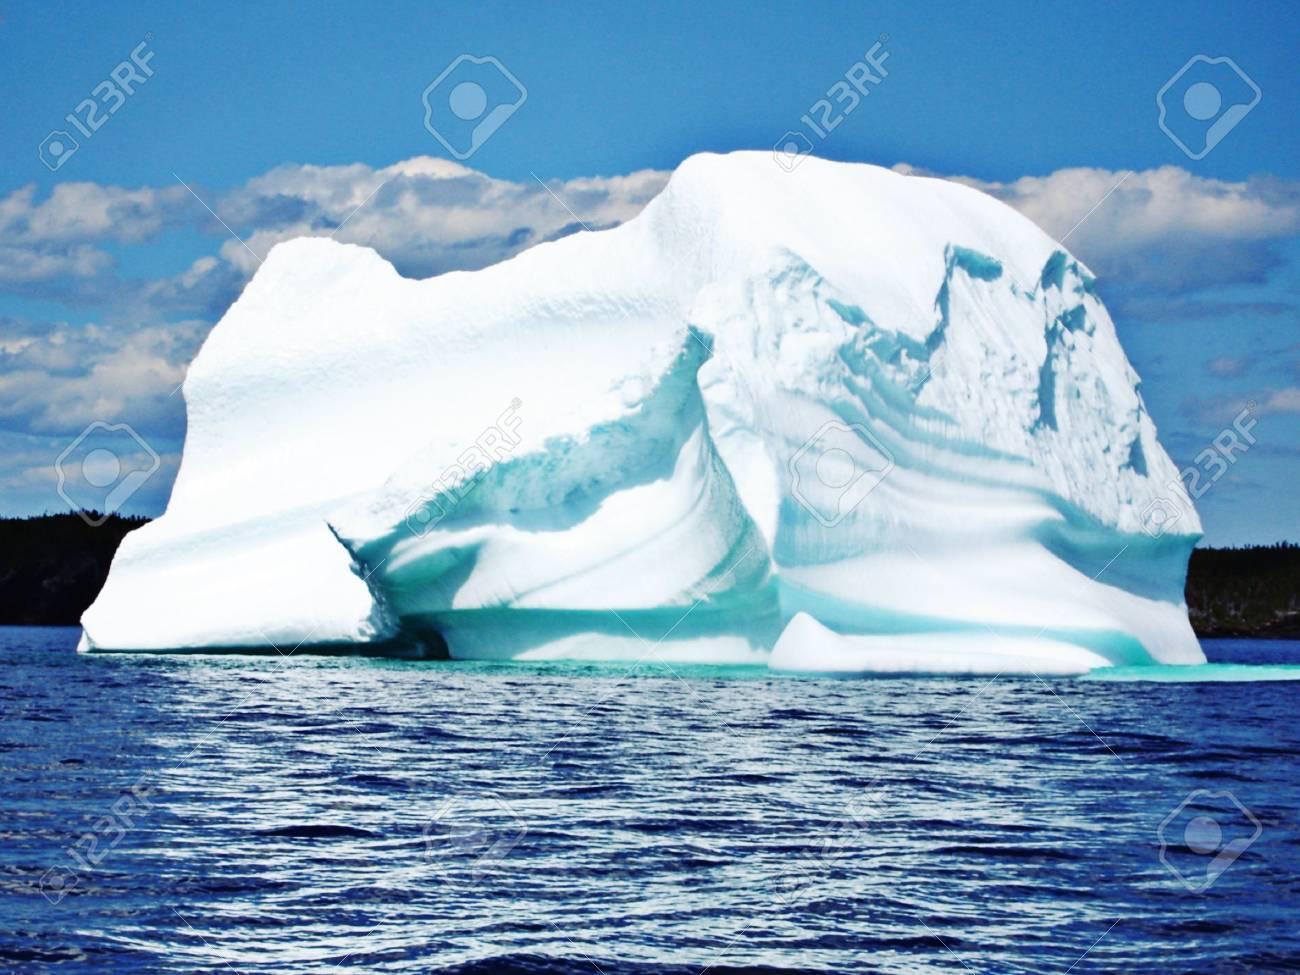 Ice Berg in Ocean off Newfoundland - 6354352